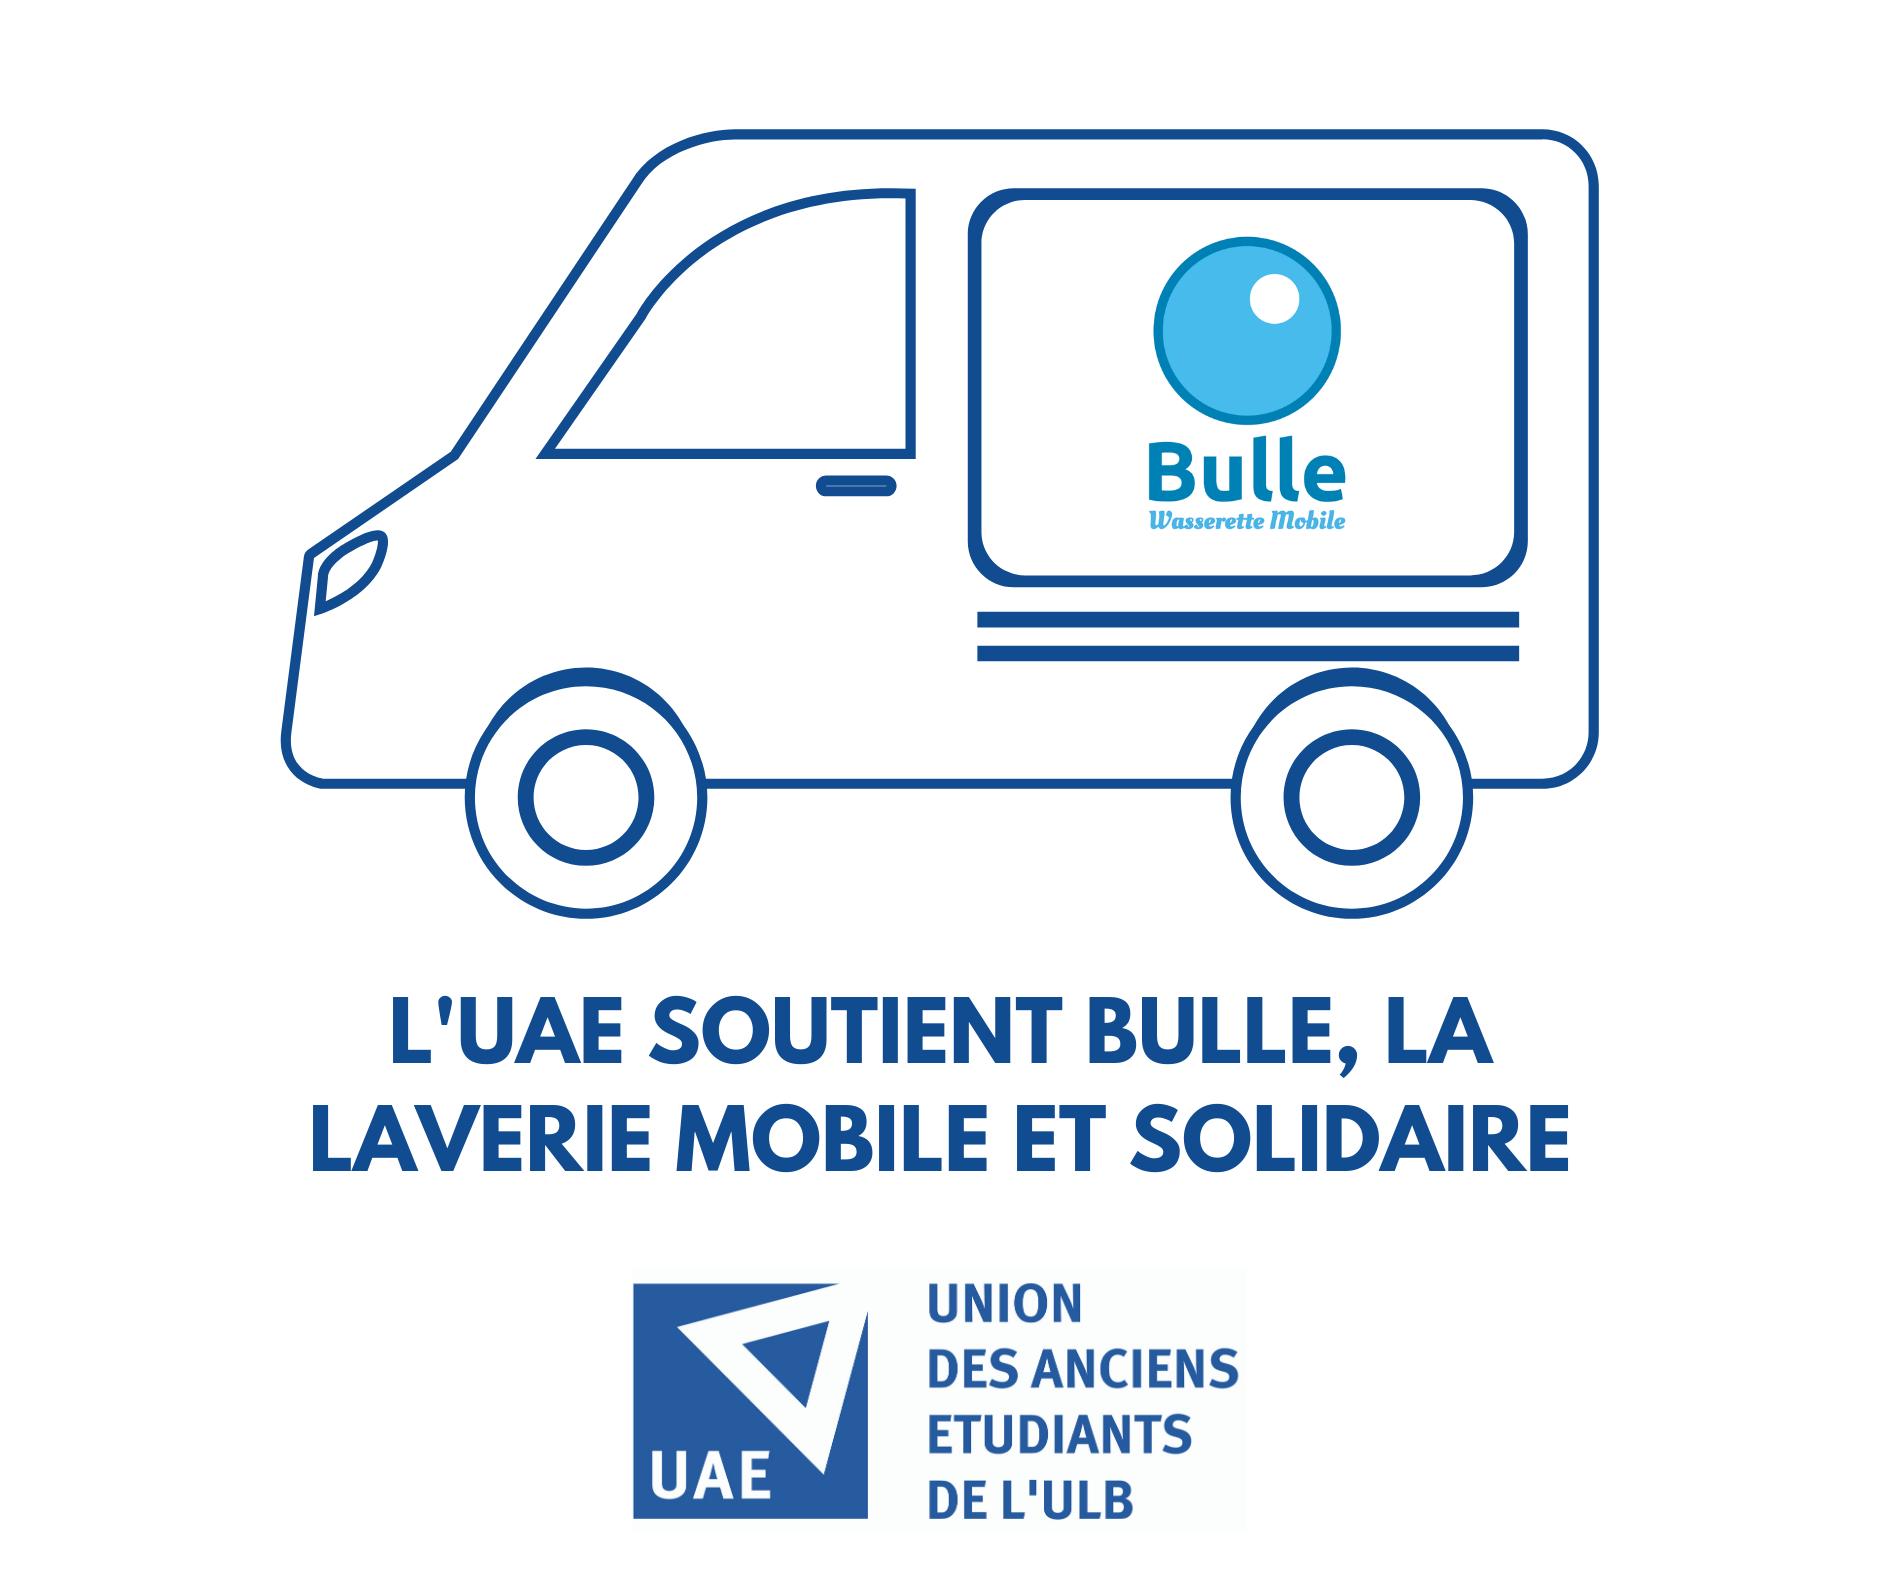 L'UAE soutient Bulle, la laverie mobile et solidaire